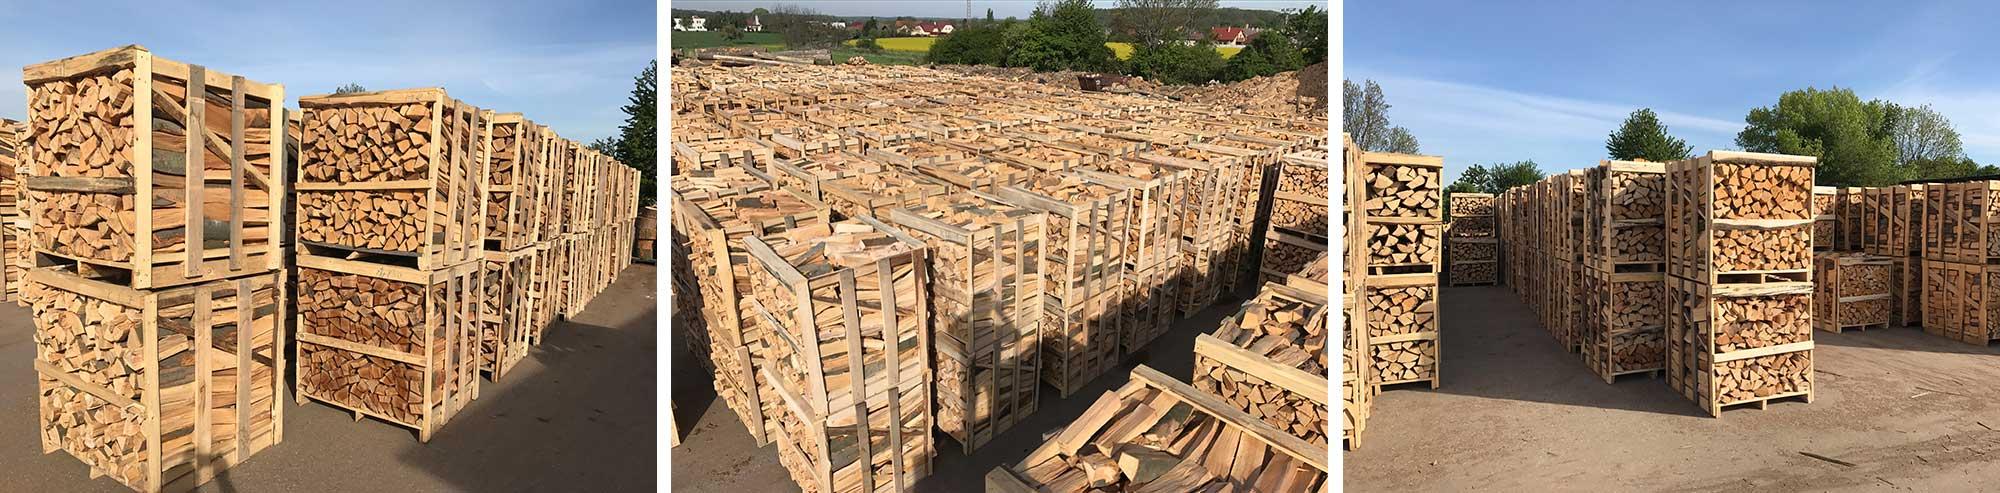 Palivové drevo ukladané do boxov